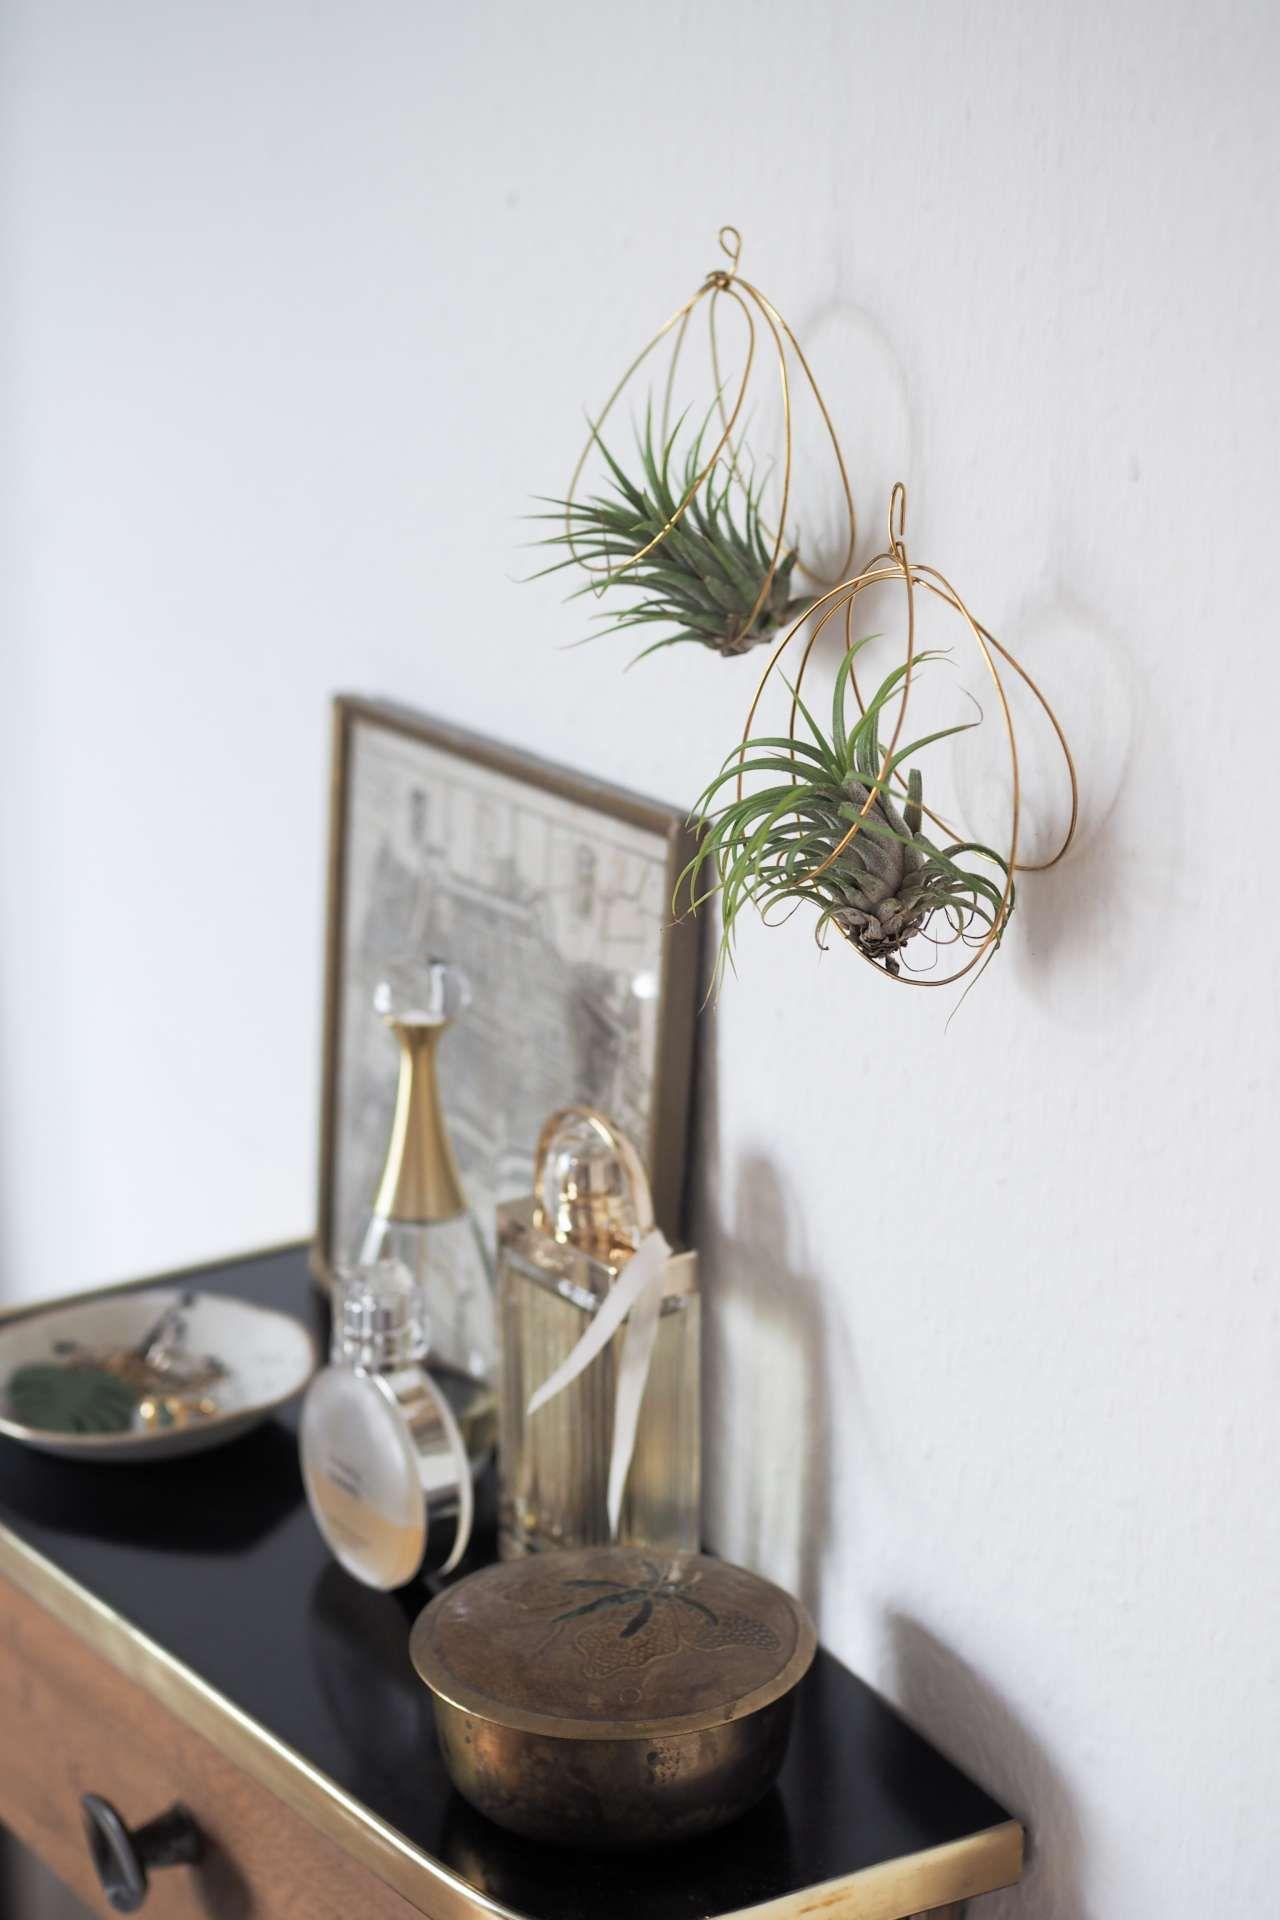 Außergewöhnlich Gestalte Wunderhübsche Halter Für Deine Tilansien / Luftpflanzen Ganz  Einfach Aus Messingdraht   Ein Einfaches DIY